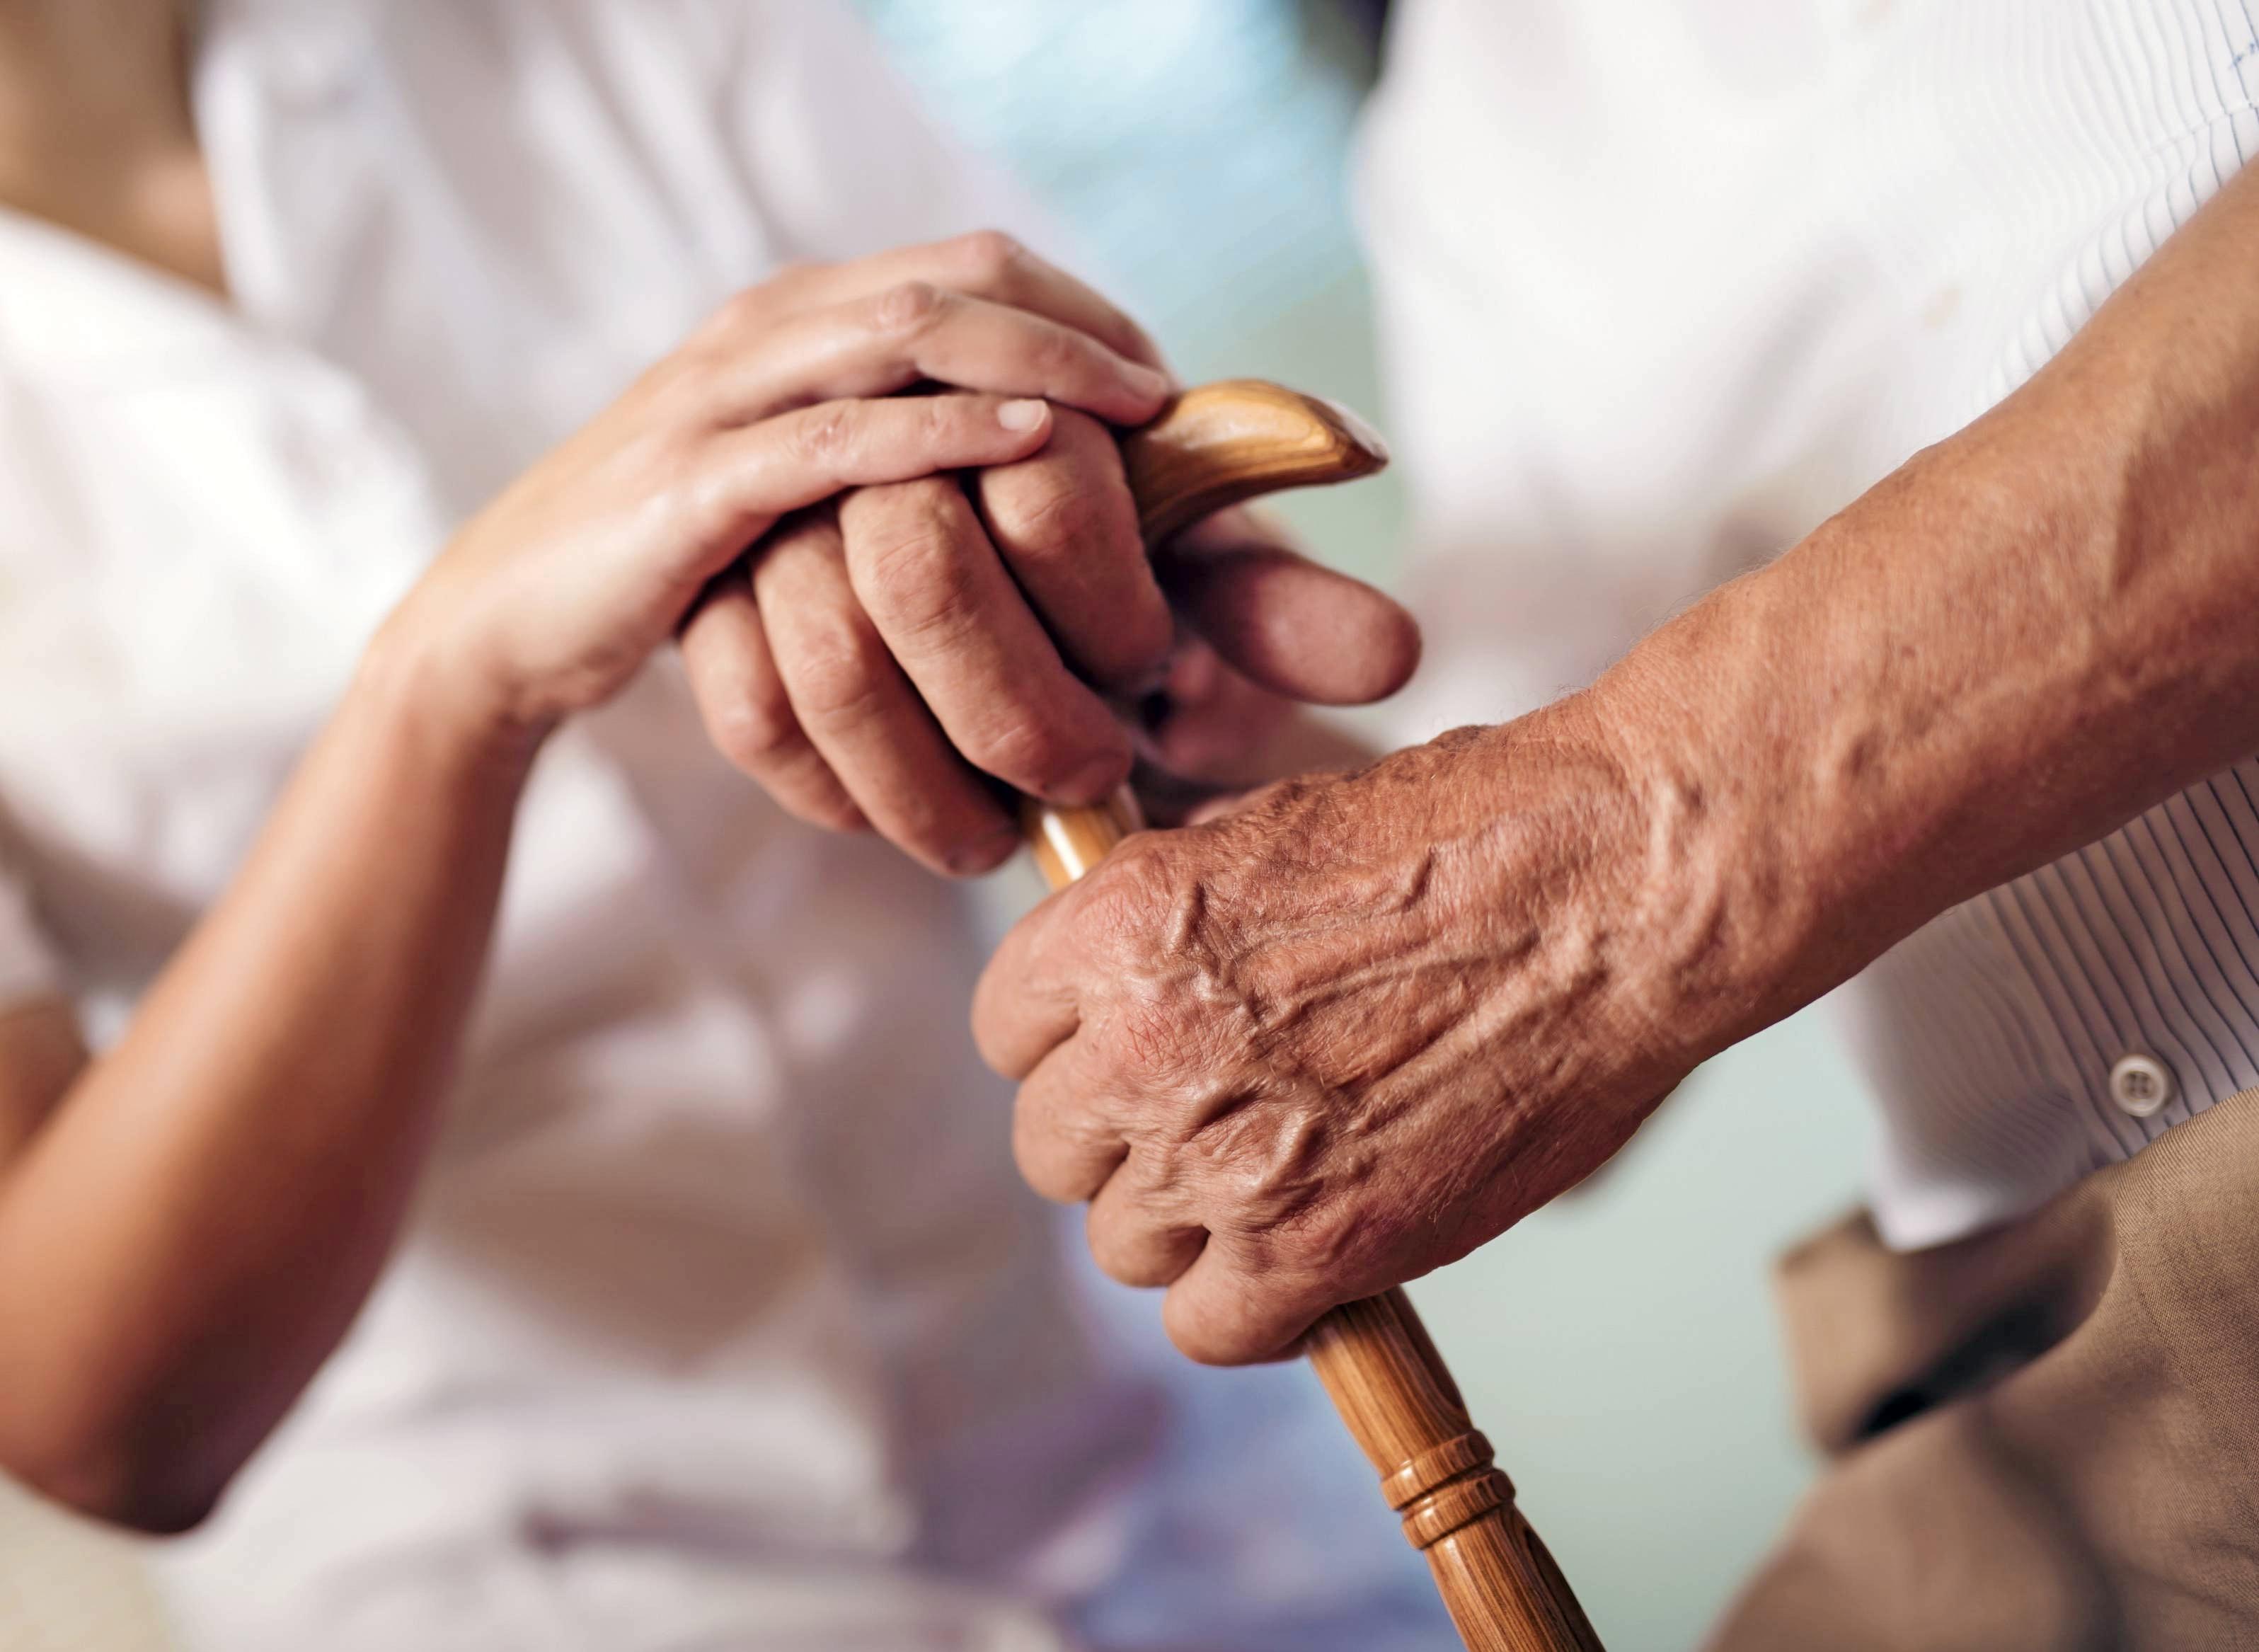 Über 830000 Pflegebedürftige greifen mittlerweile auf einen ambulanten Pflegedienst zurück, wie das ZQP mitteilt. Foto: Mediteraneo/stock.adobe.com